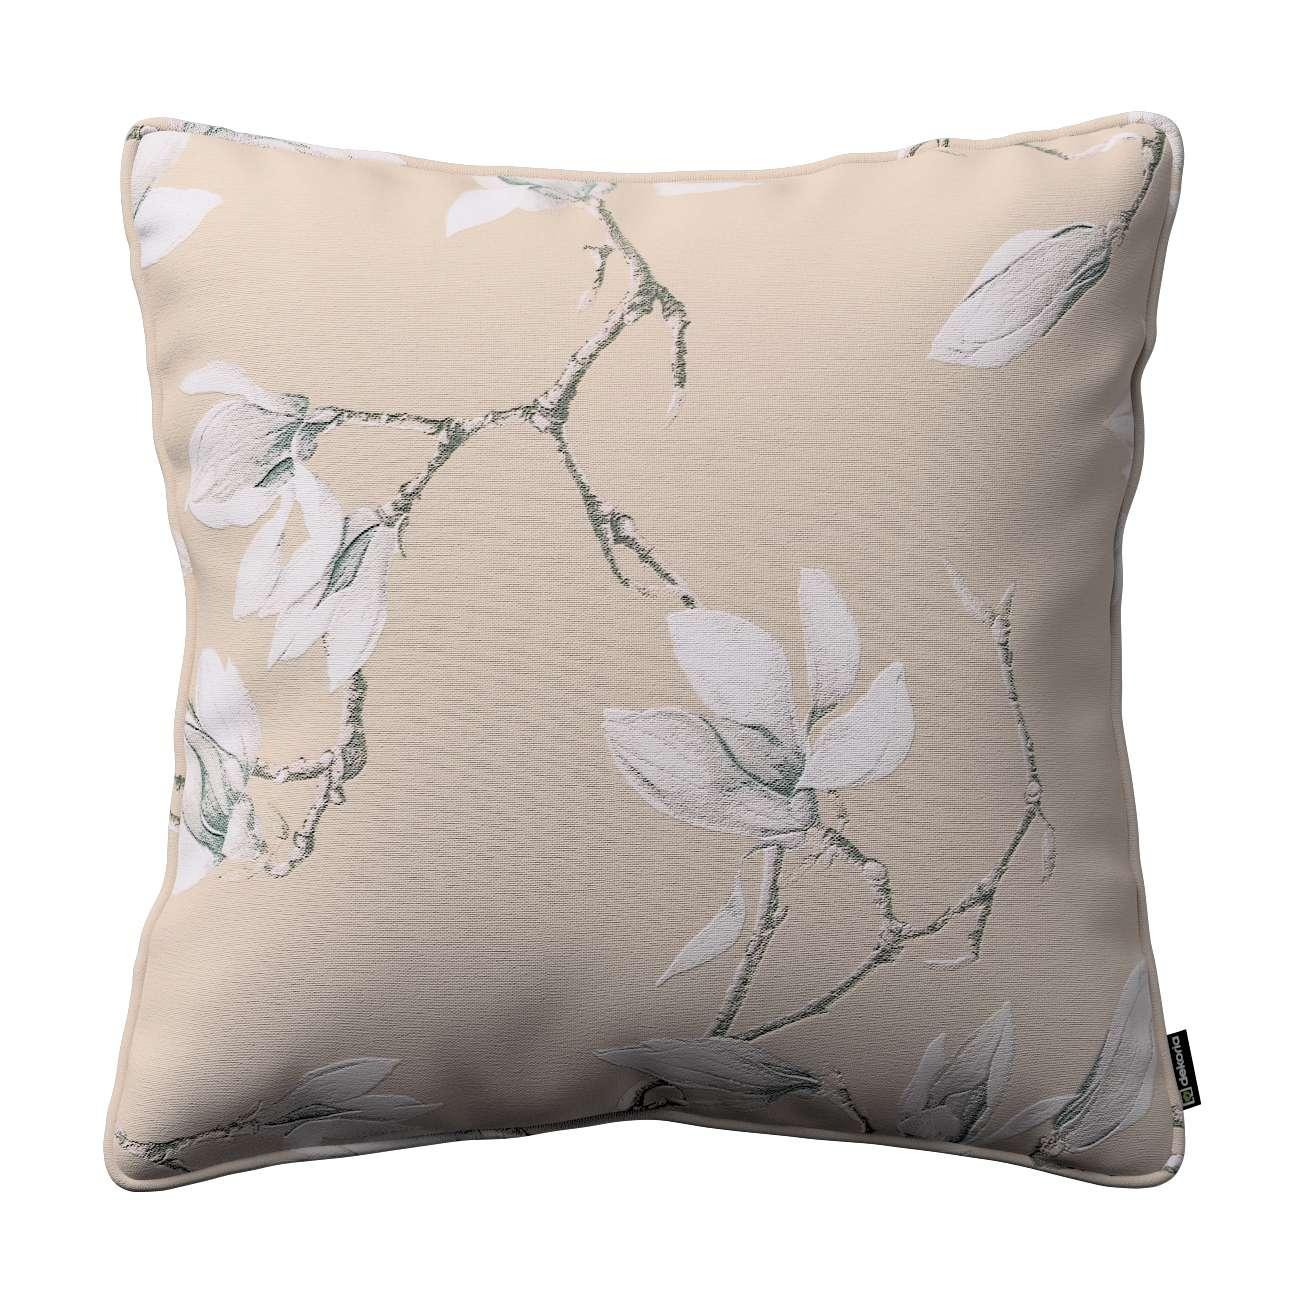 Poszewka Gabi na poduszkę w kolekcji Flowers, tkanina: 311-12